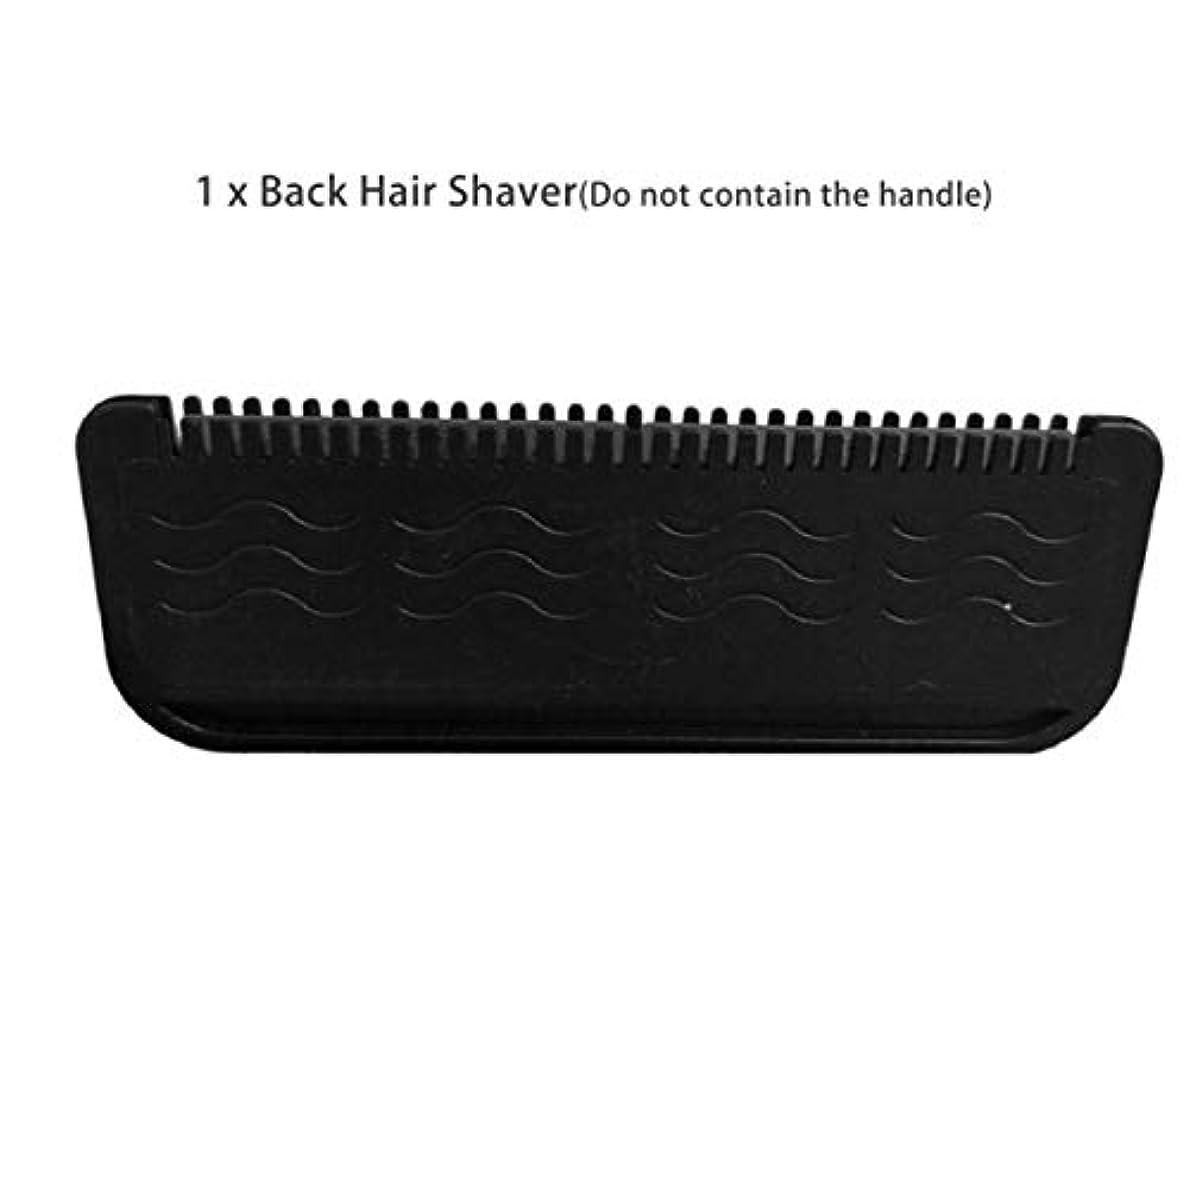 未満言うまでもなくマガジンマニュアルバックヘアシェーバーステンレスブレードカミソリ痛みのない除毛ブレードボディヘアケアシェービングカミソリ男性用-青&黒